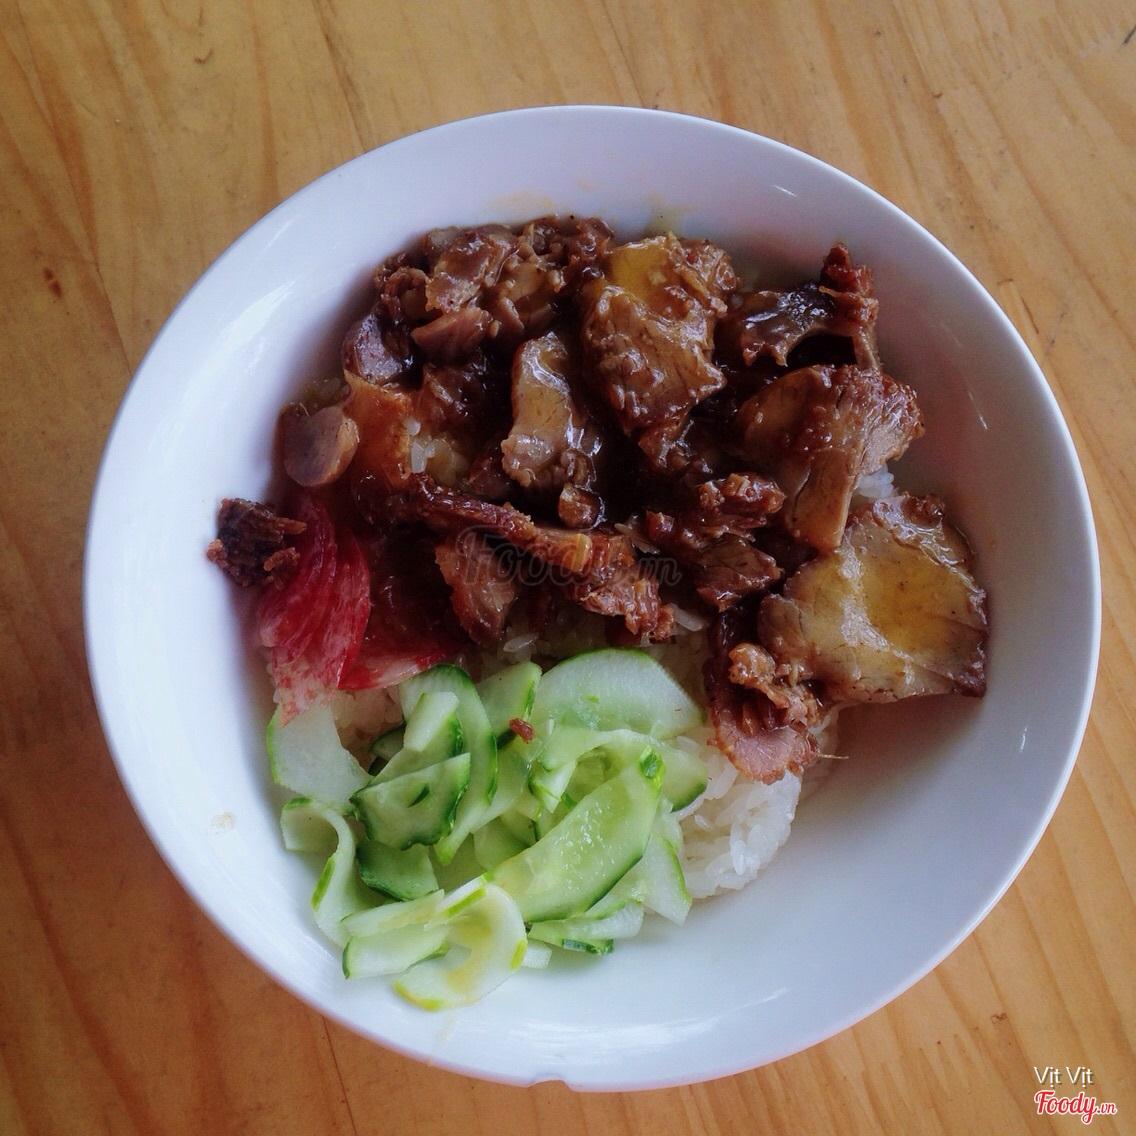 Tìm hiểu những món ăn miền Trung hấp dẫn